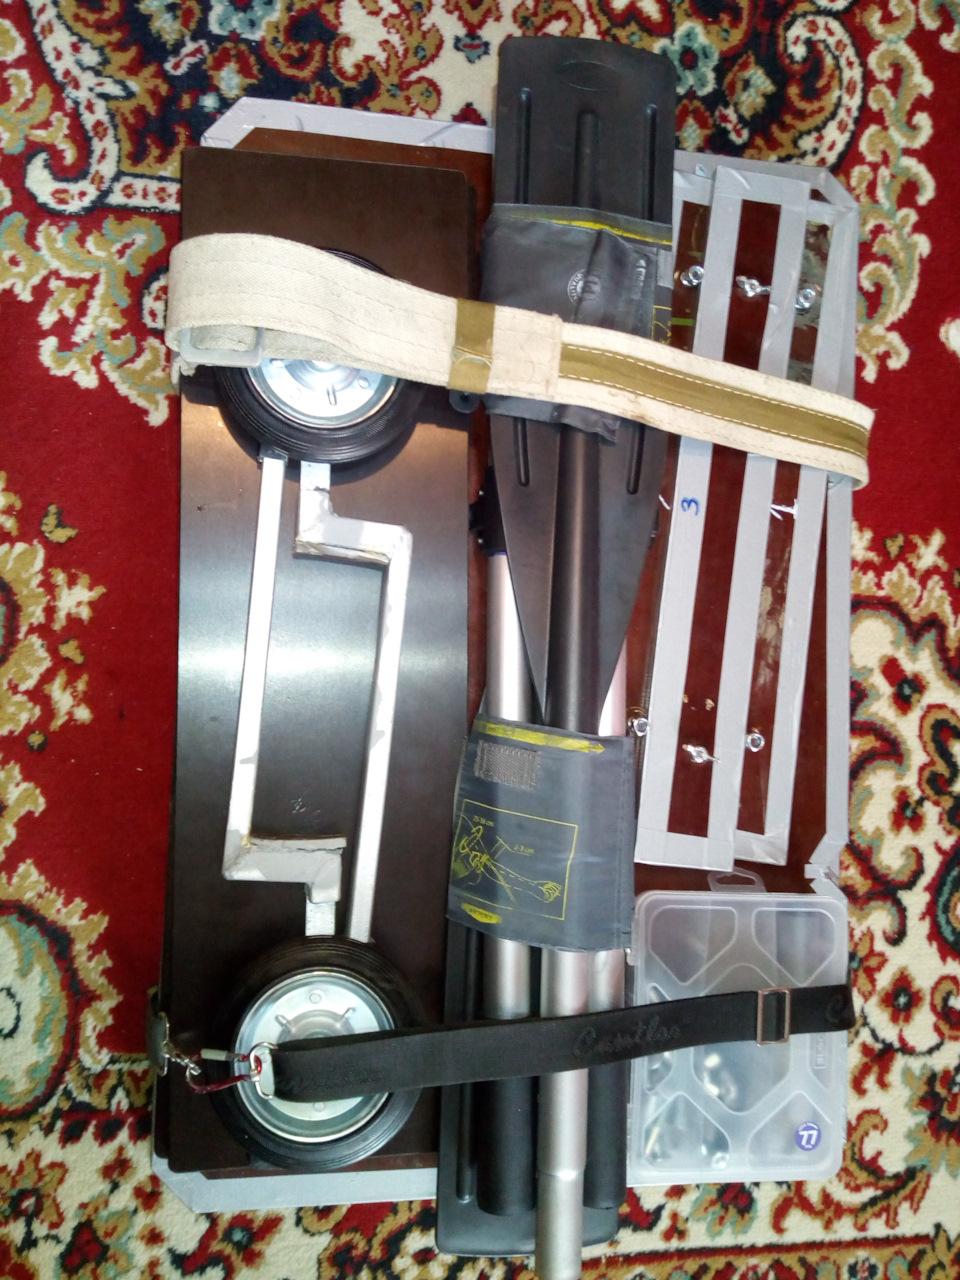 Надувная лодка RUSH 2800, ровный пол, транцевые колеса и аварийная стремянка